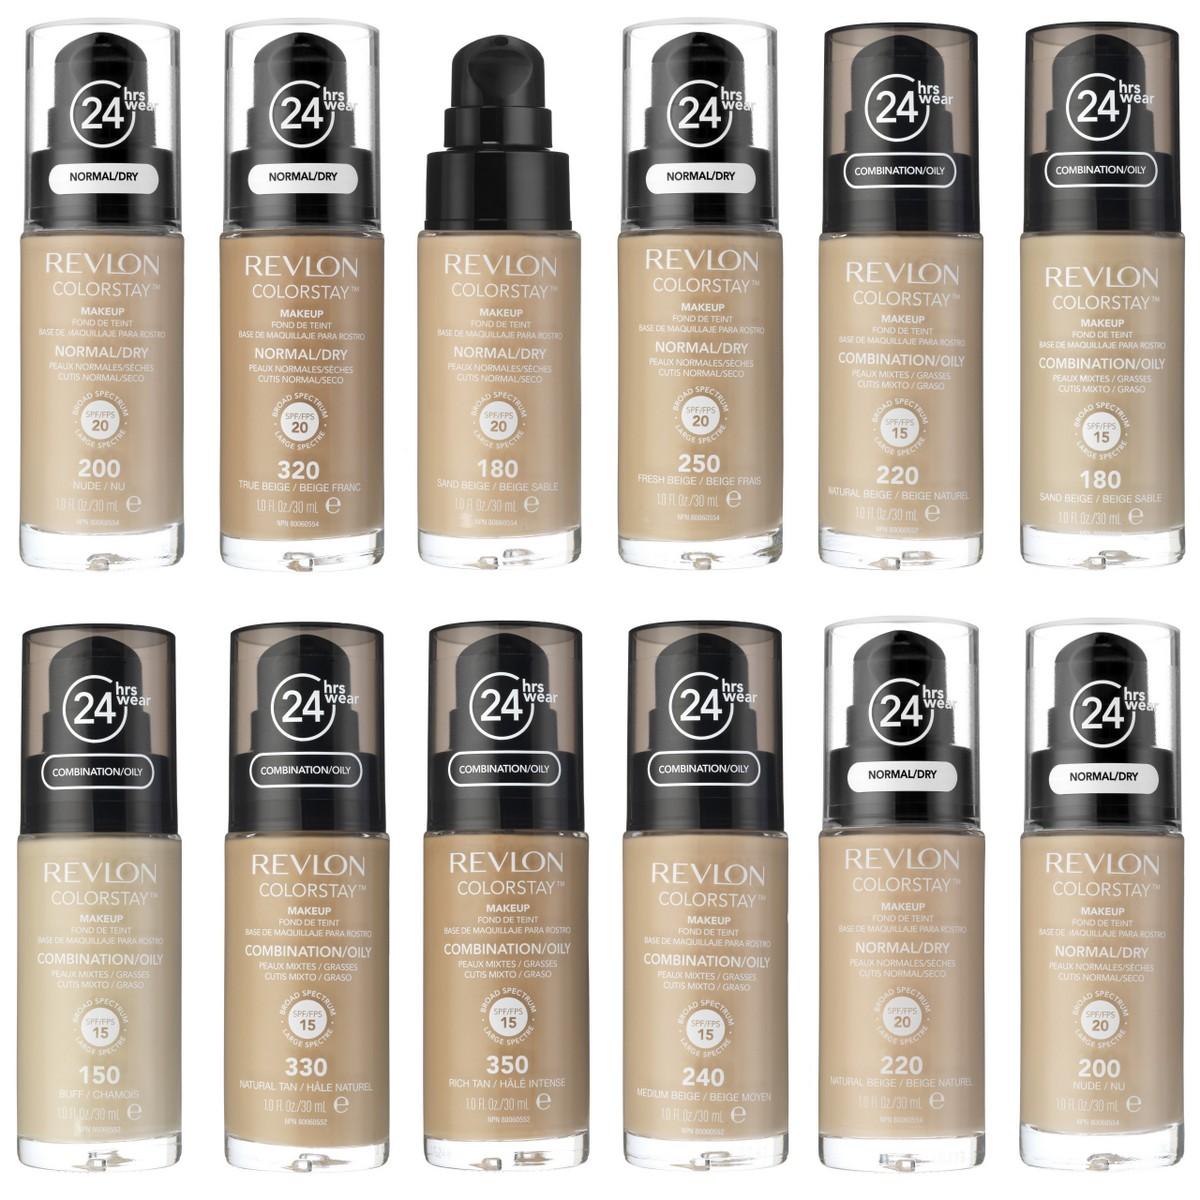 Revlon Rossmann Drogerie Revlon Deutschland kaufen welche Revlon Produkte wie Revlon Make-up und Revlon Lippenstift und Preise